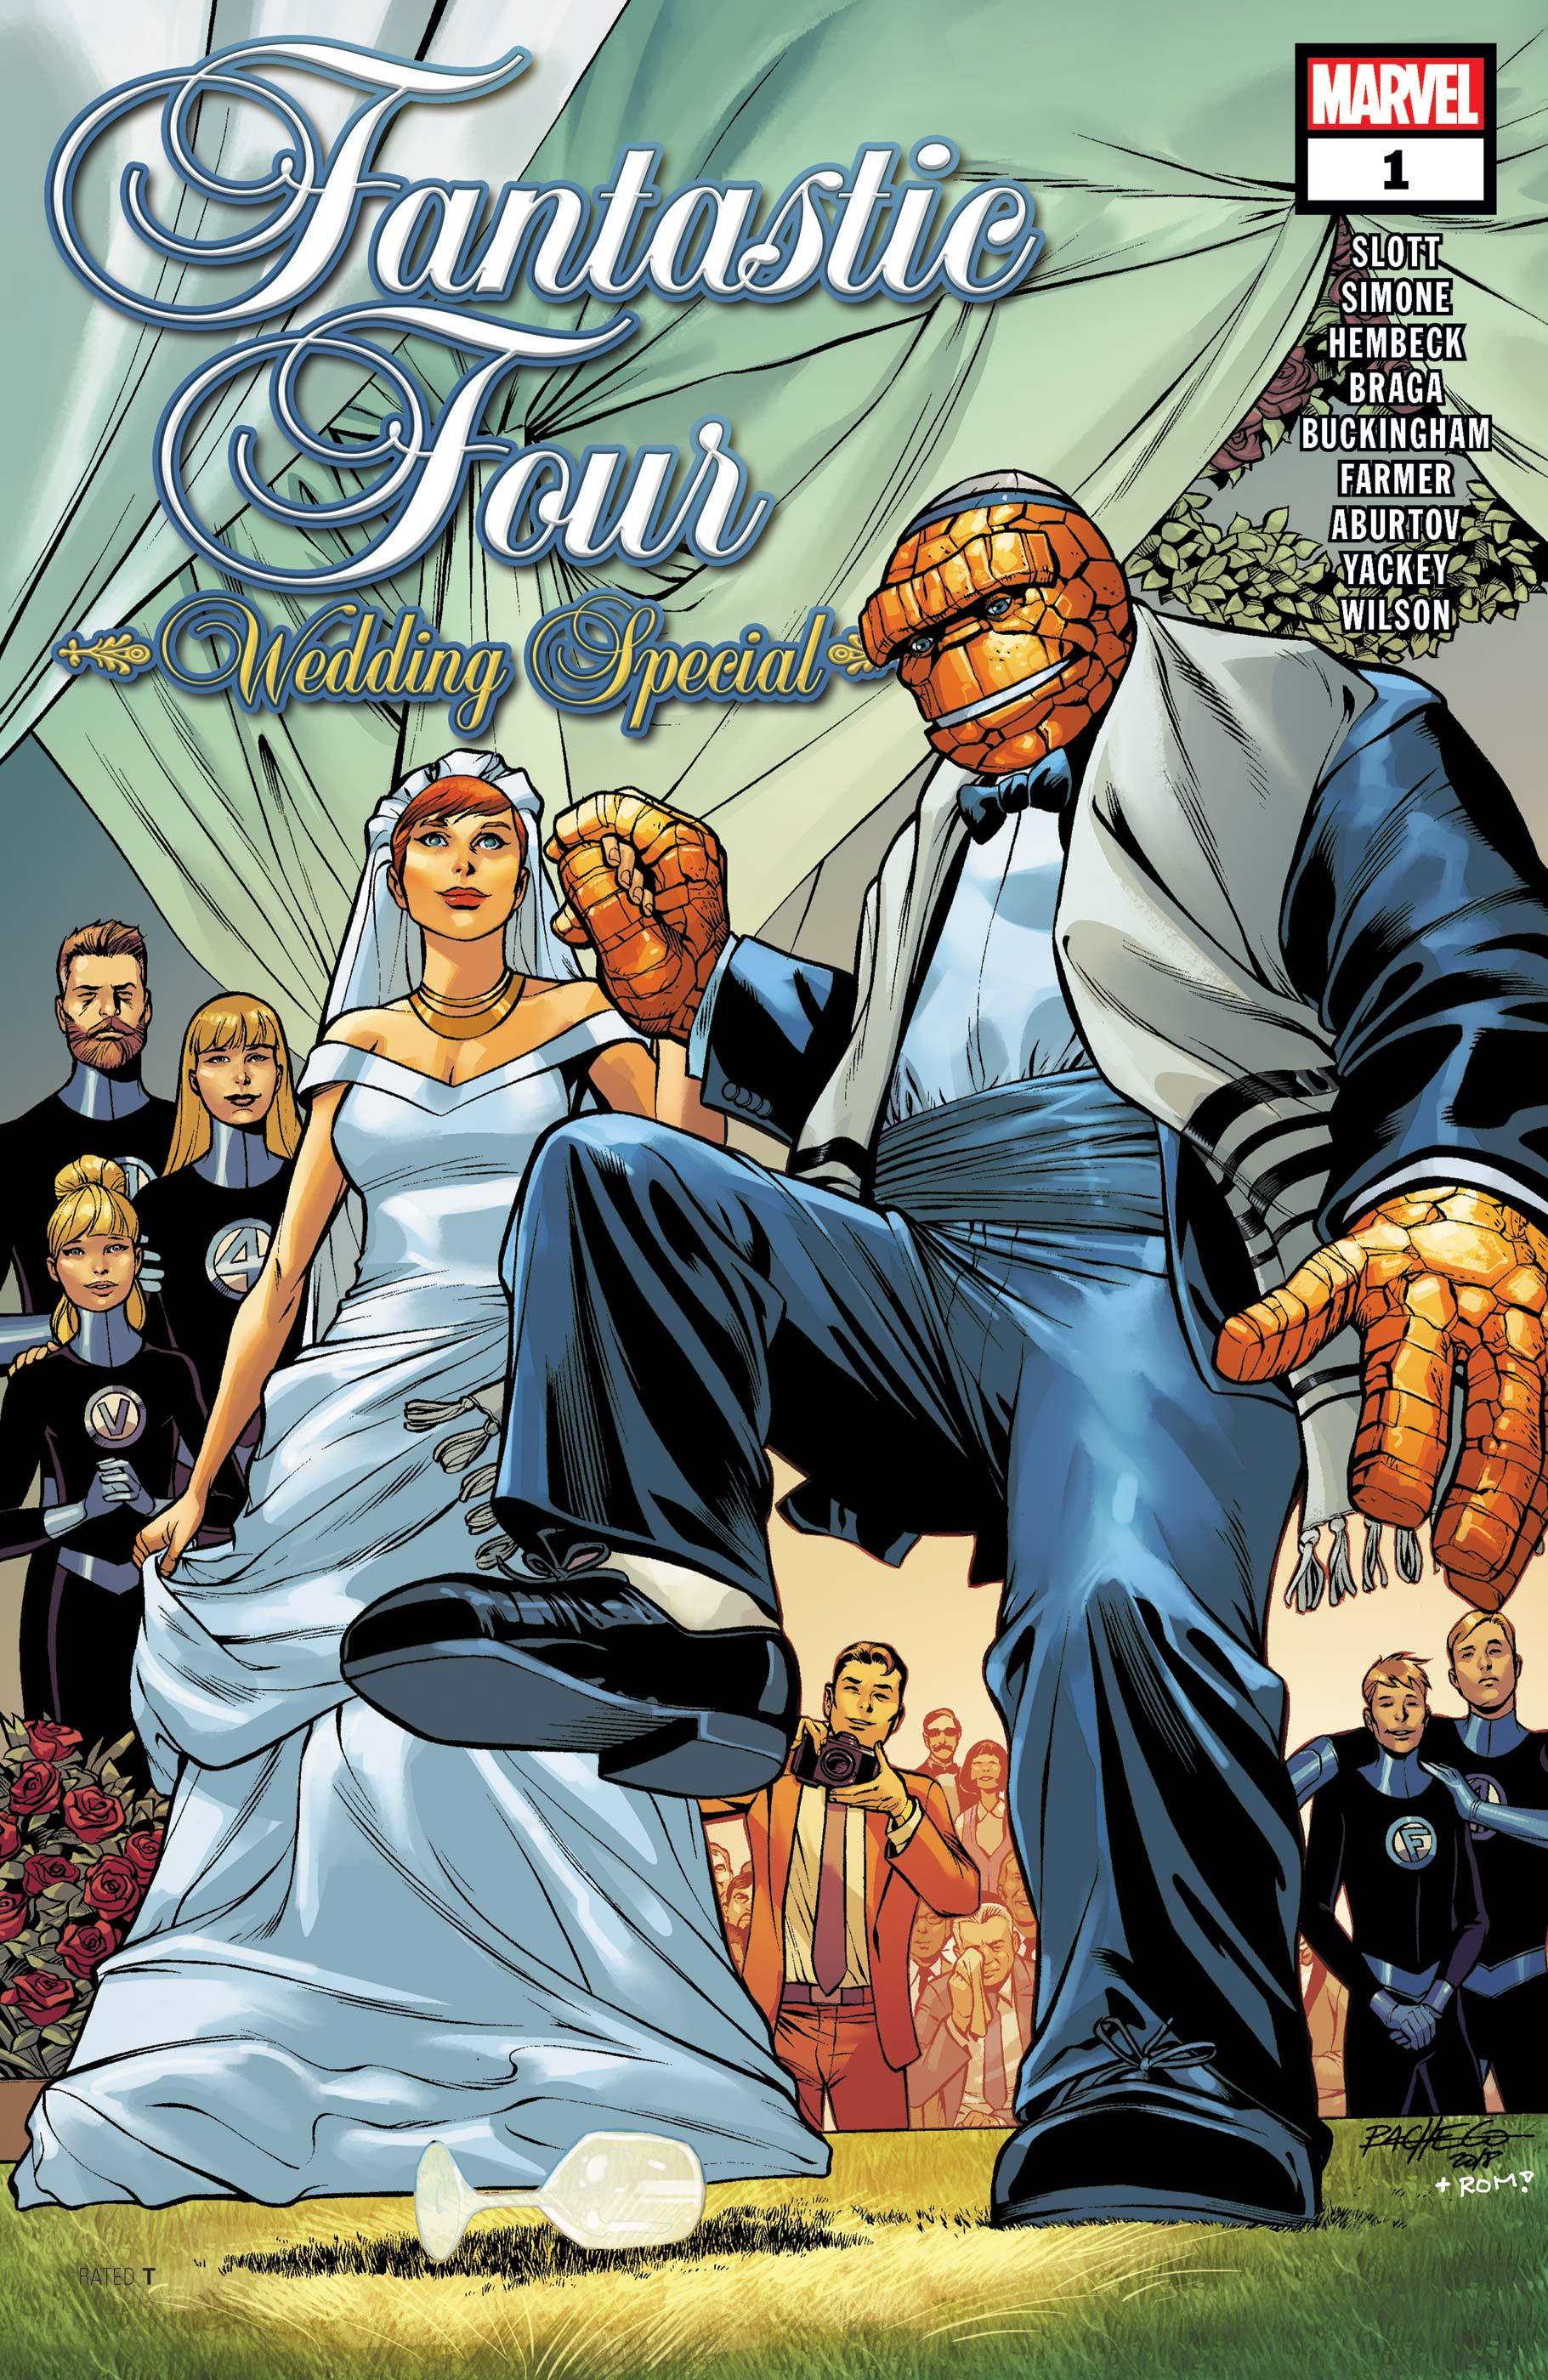 Fantastic Four_Wedding Special #1.jpg